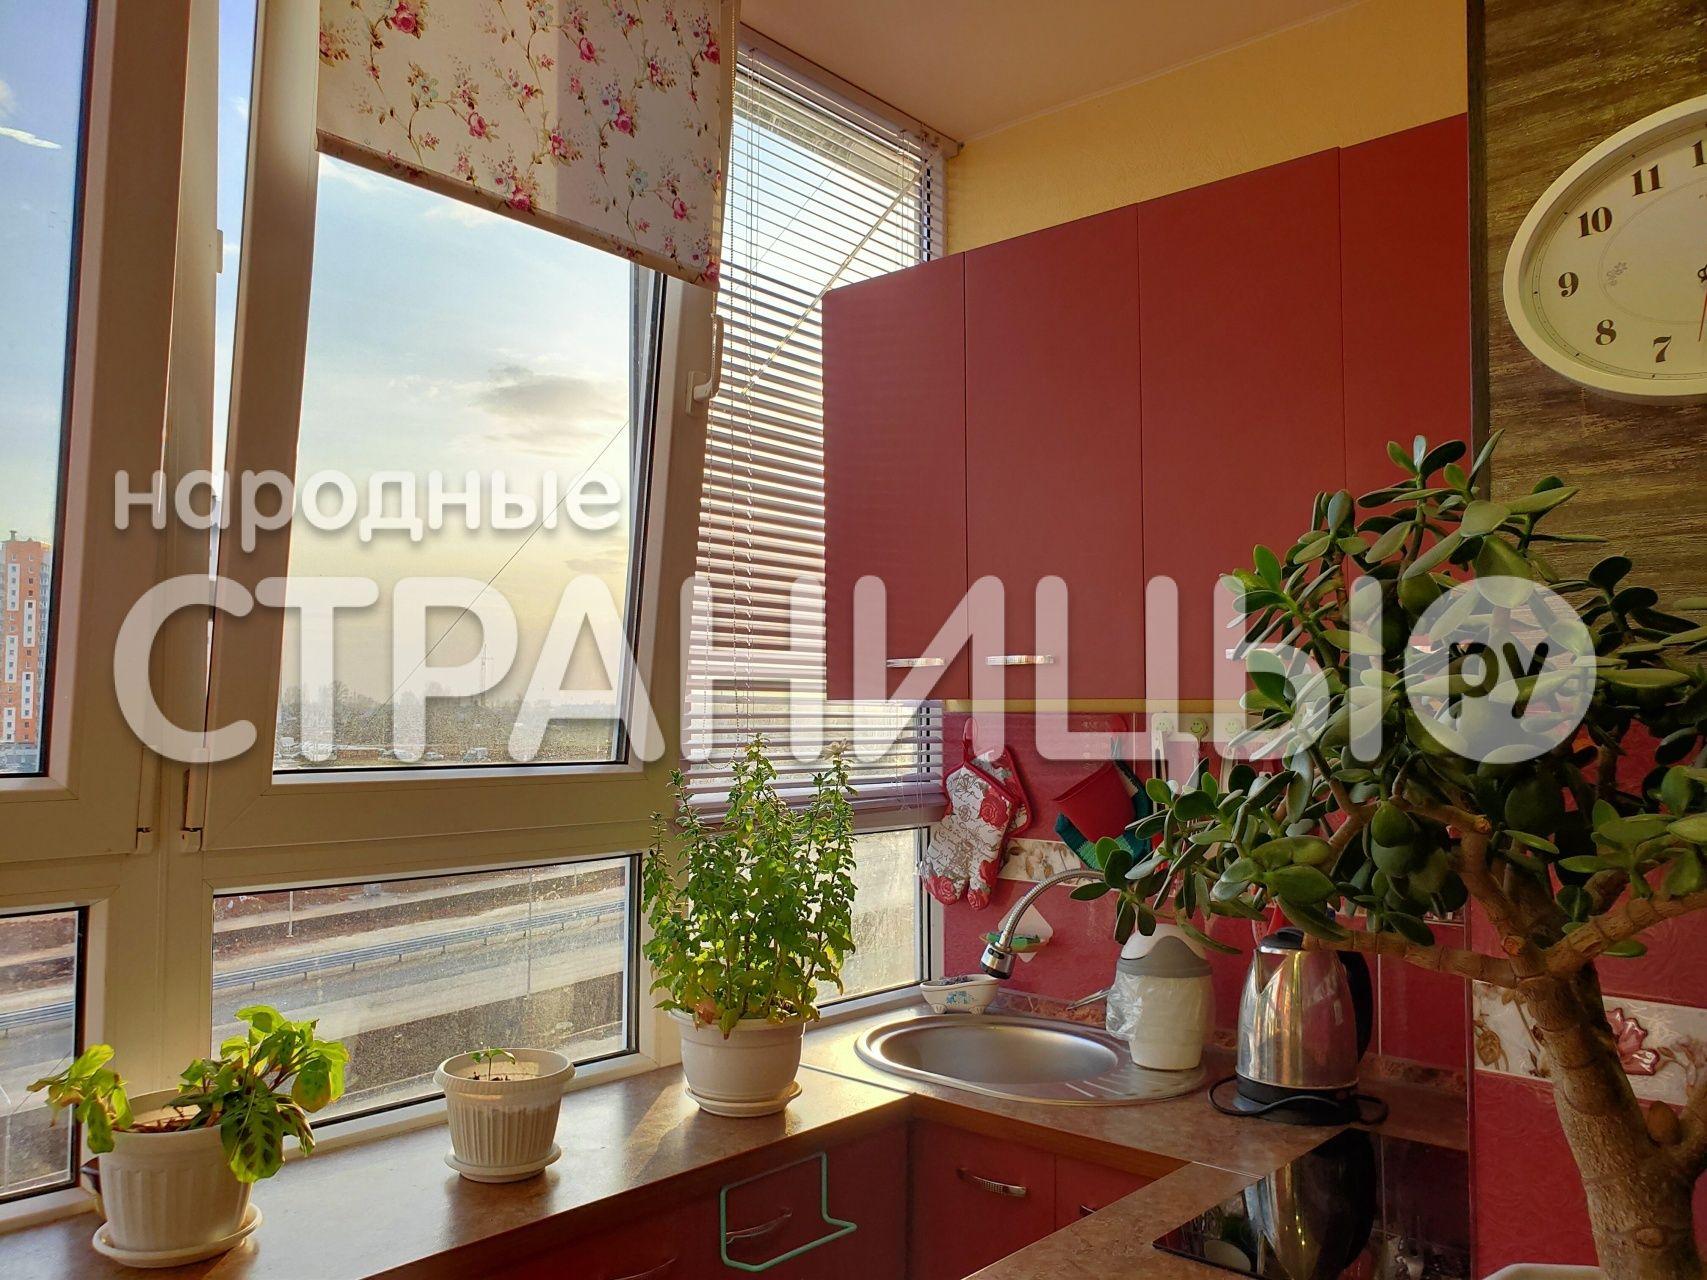 1-комнатная квартира, 25.0 м²,  6/17 эт. Панельный дом, Вторичное жилье